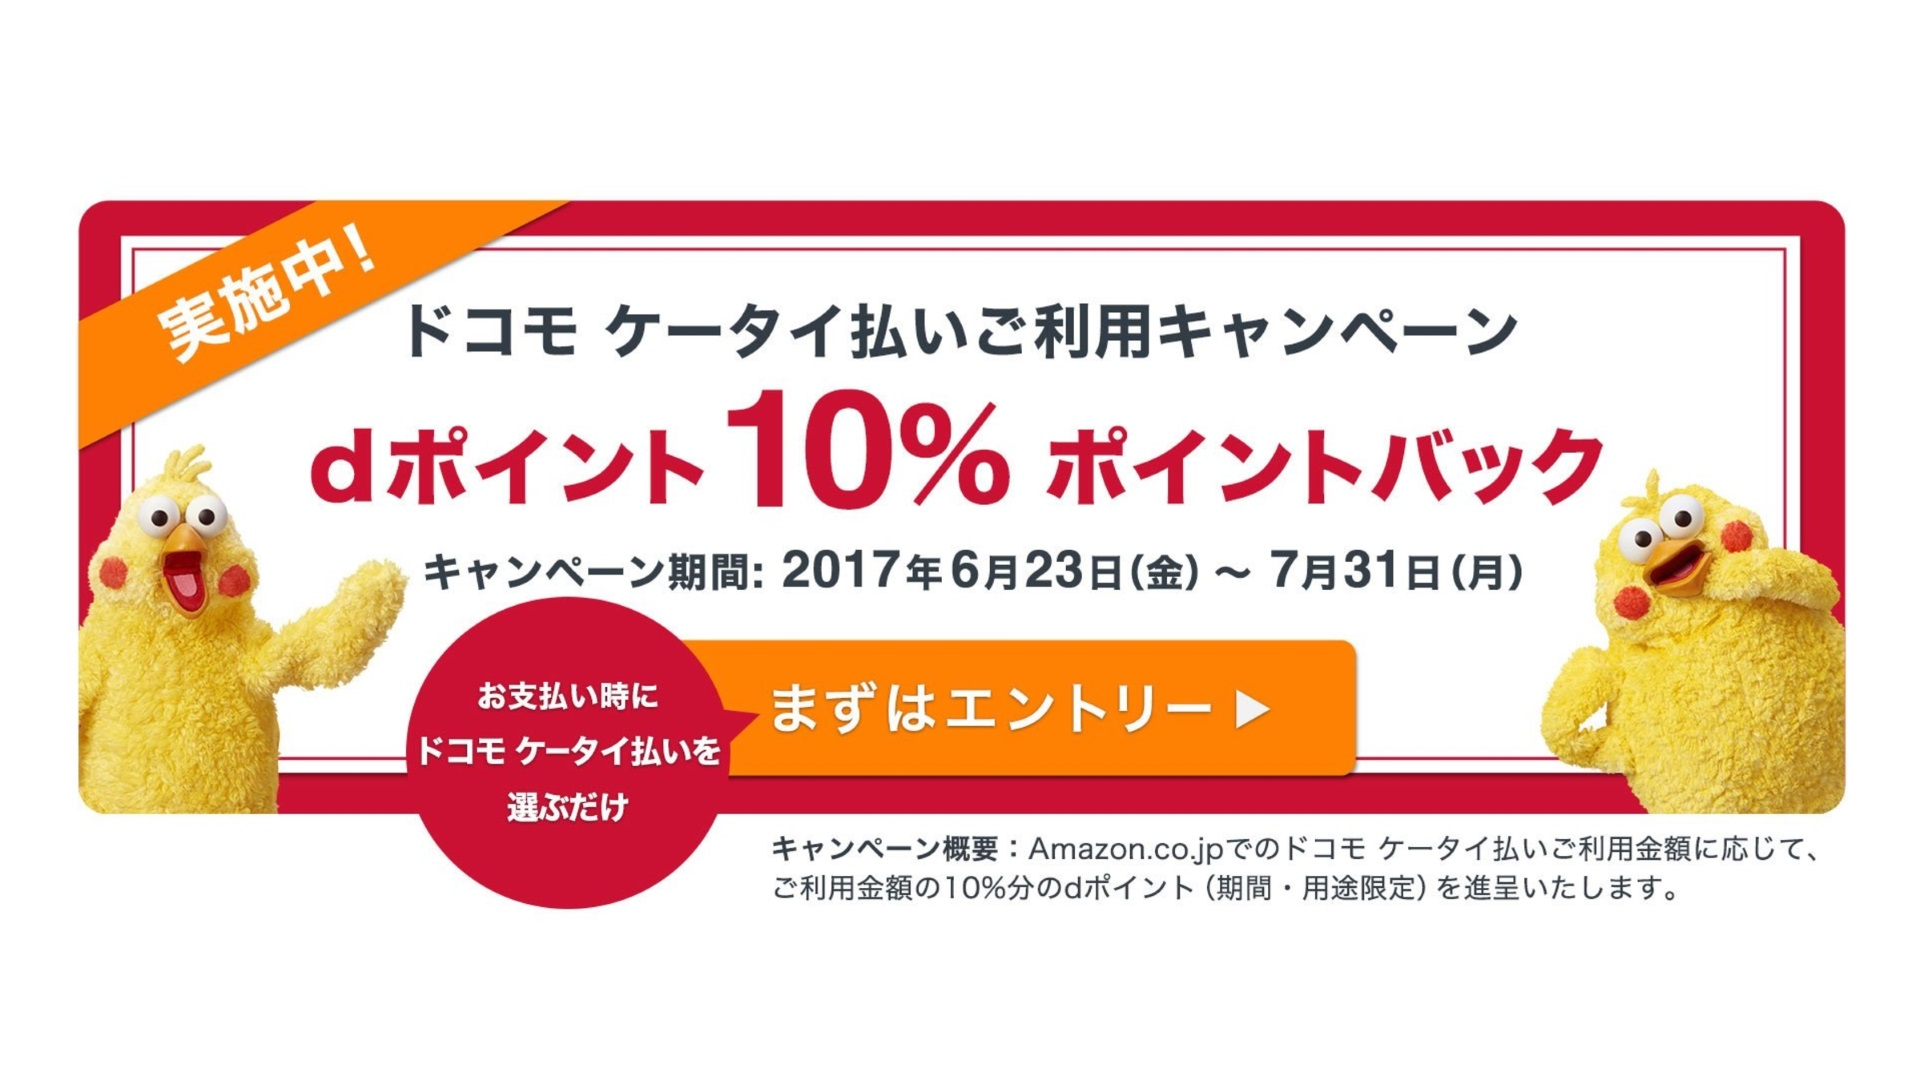 Amazon「ドコモ ケータイ払い」利用で10%ポイントバックキャンペーン開催中!(裏技追記)